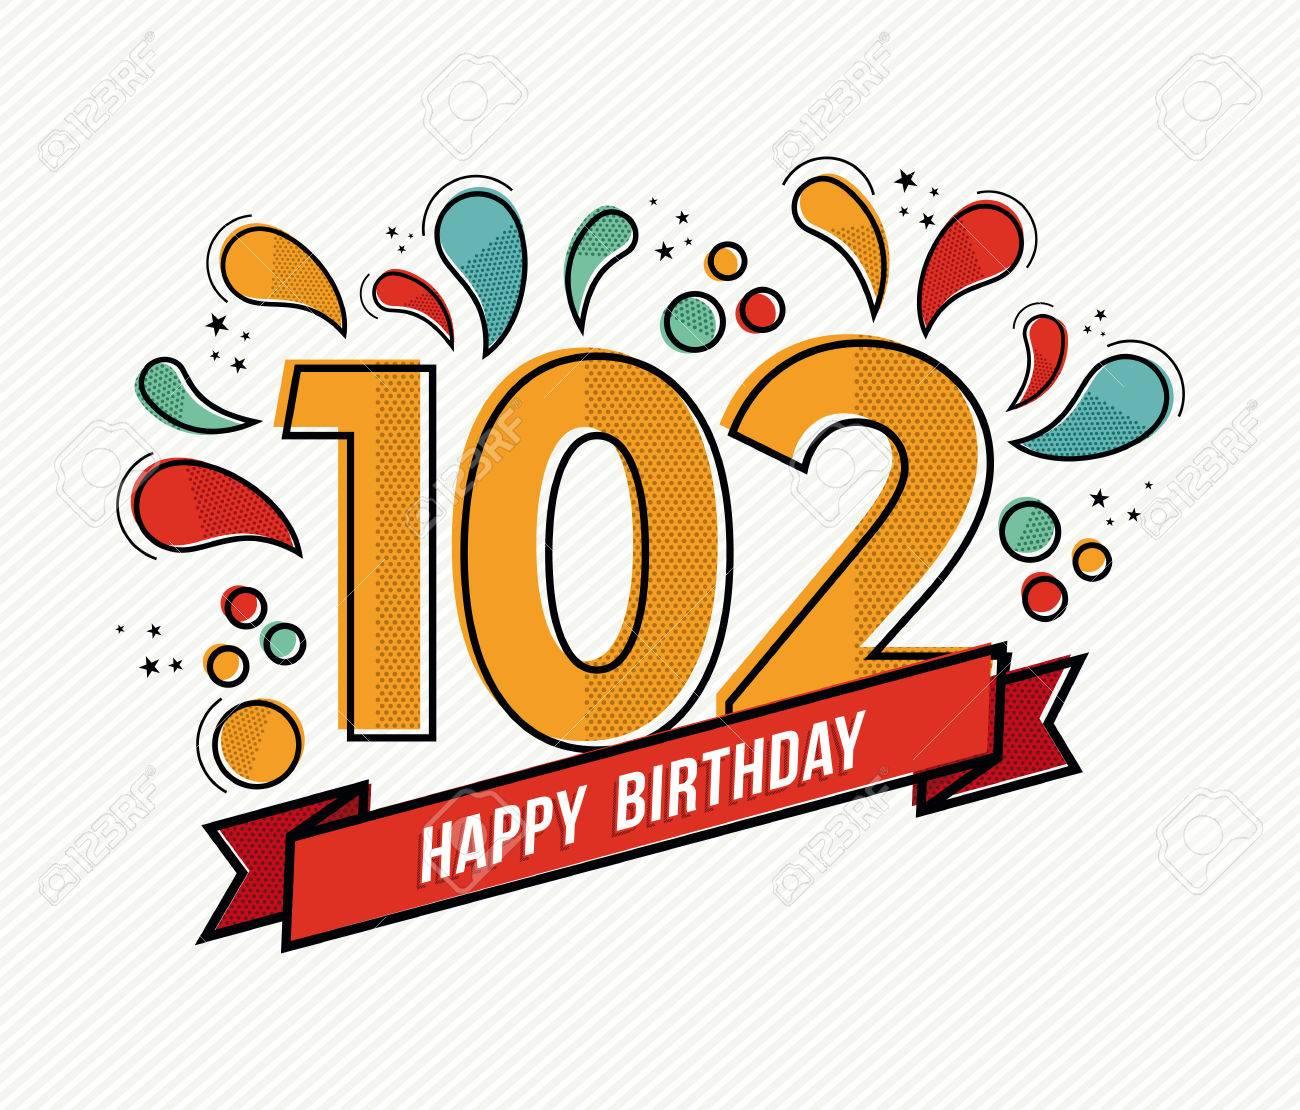 numero joyeux anniversaire 102 carte de voeux pour cent deux ans en art ligne plate moderne avec des formes geometriques colorees invitation anniversaire du parti felicitations ou de la conception de celebration